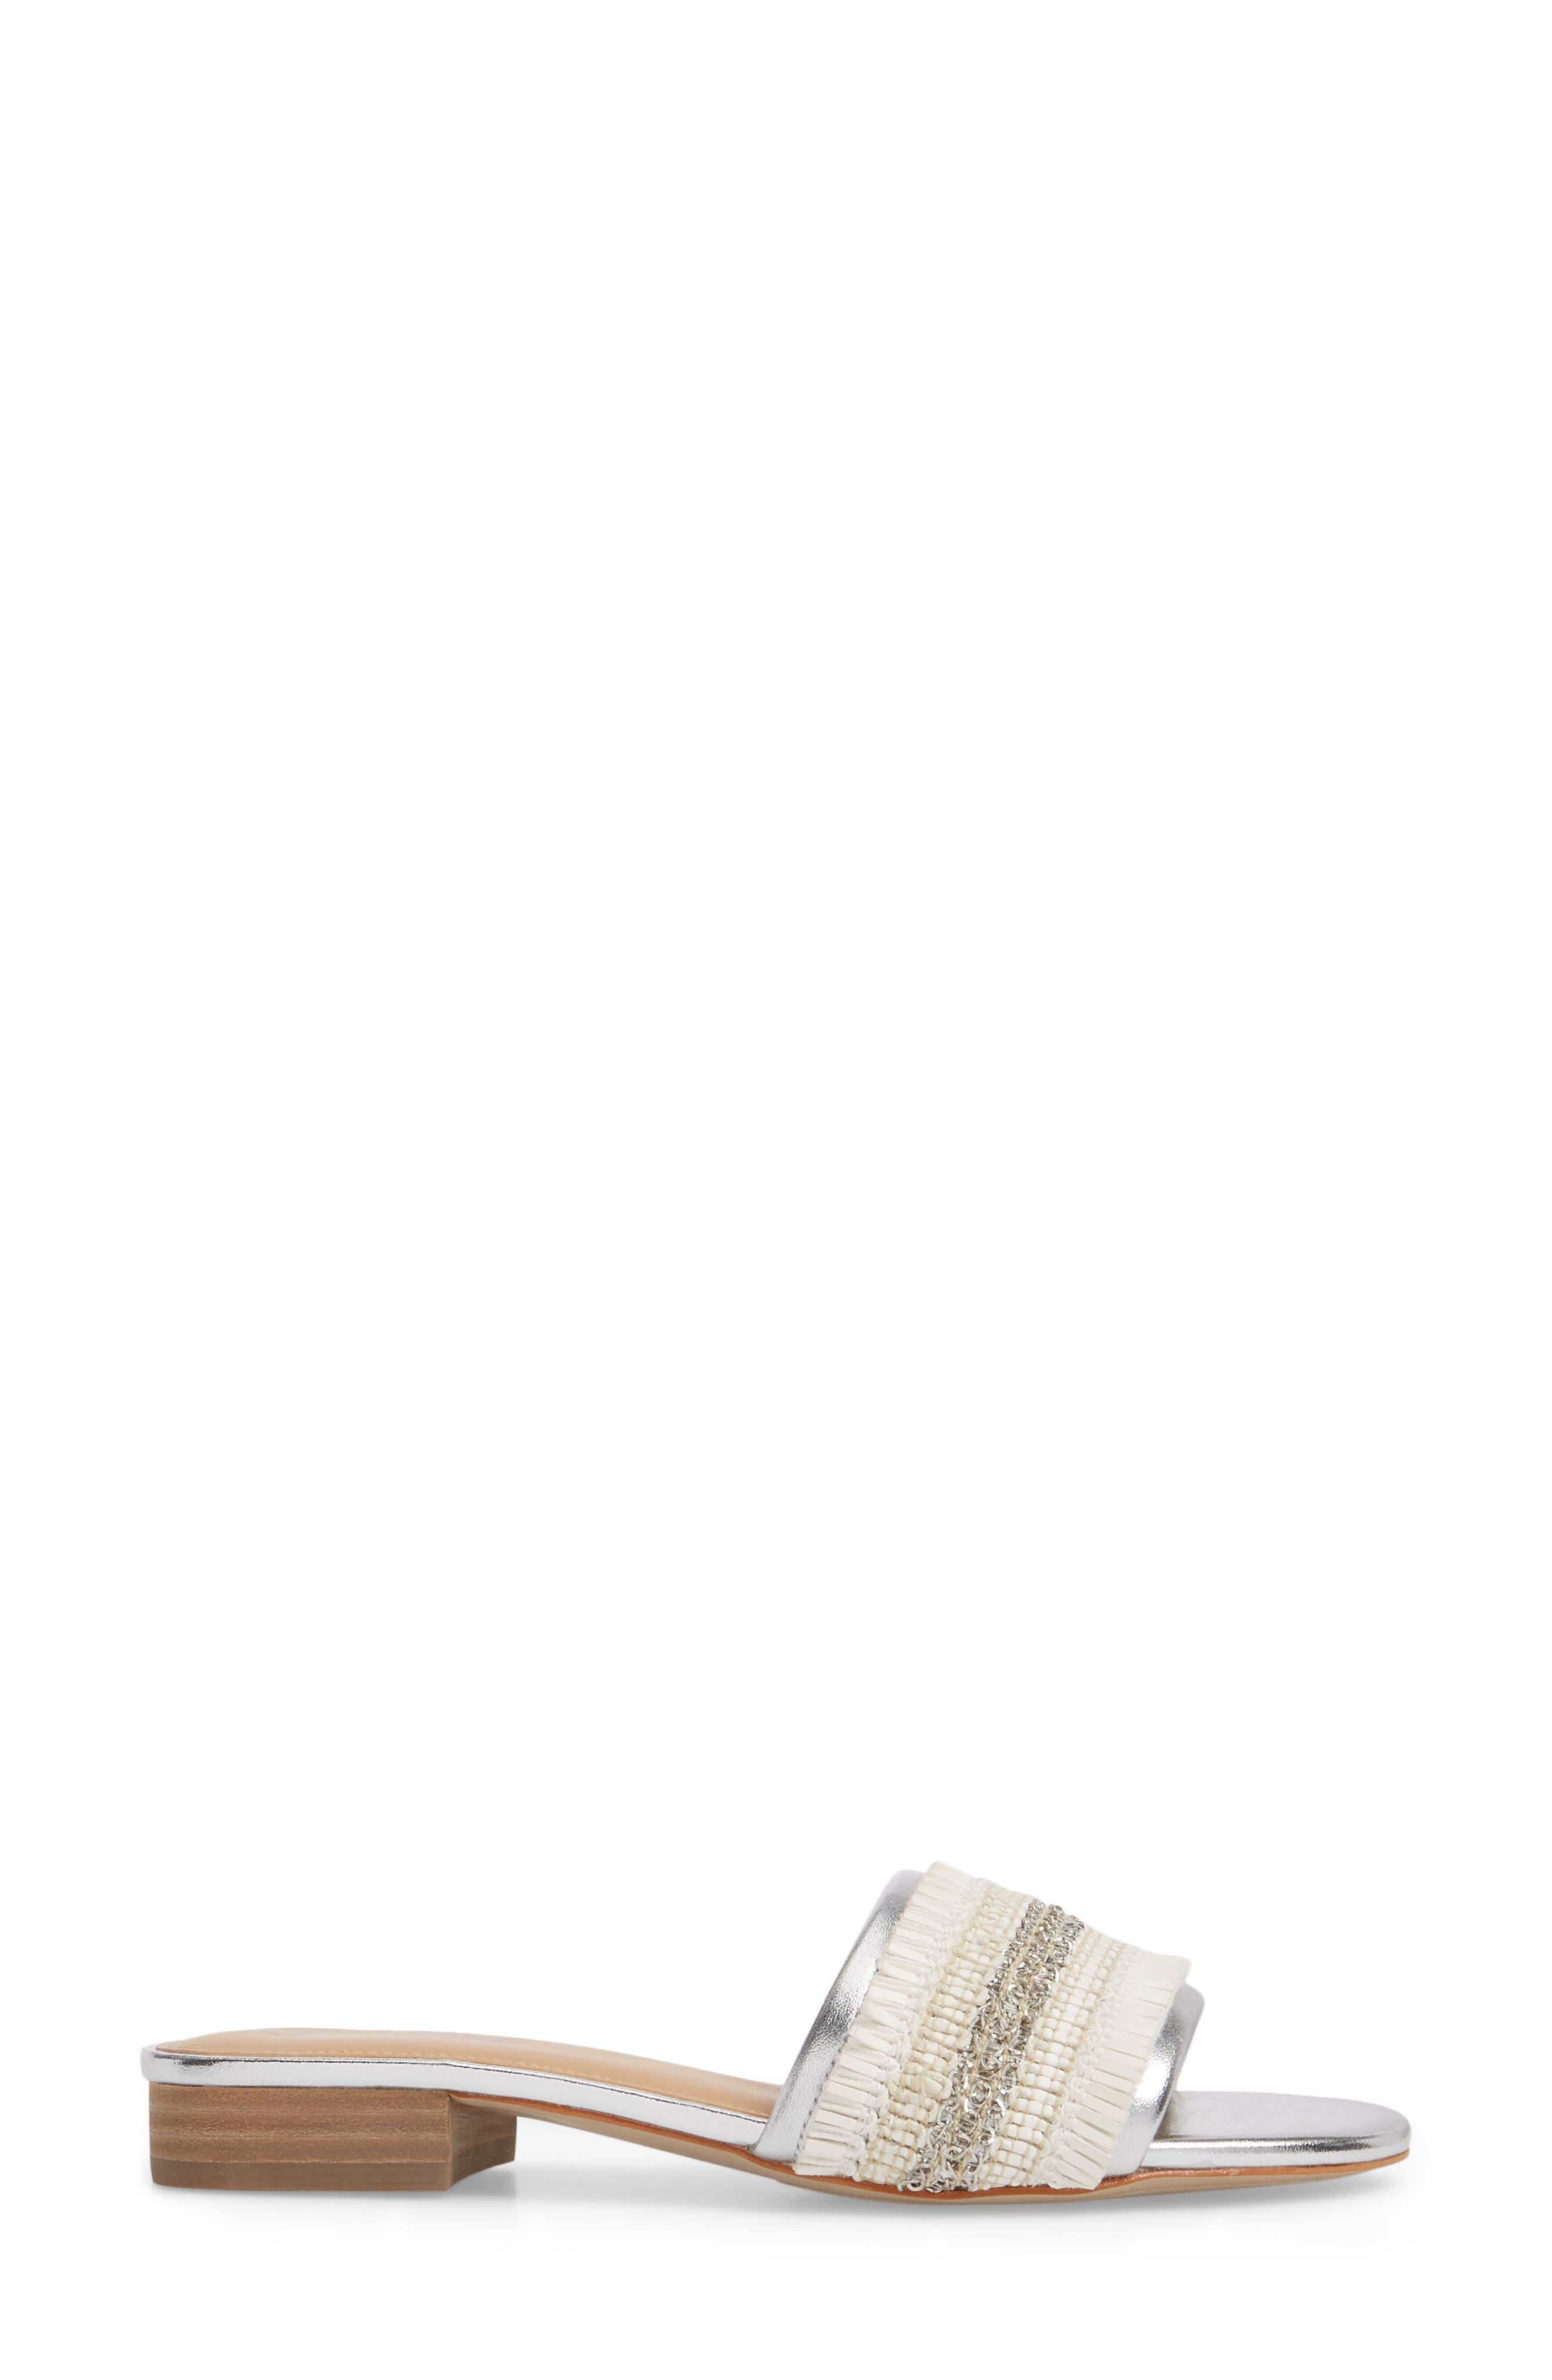 NIC + ZOE Sandy Slide Sandal,                             Alternate thumbnail 3, color,                             SILVER/ WHITE FABRIC